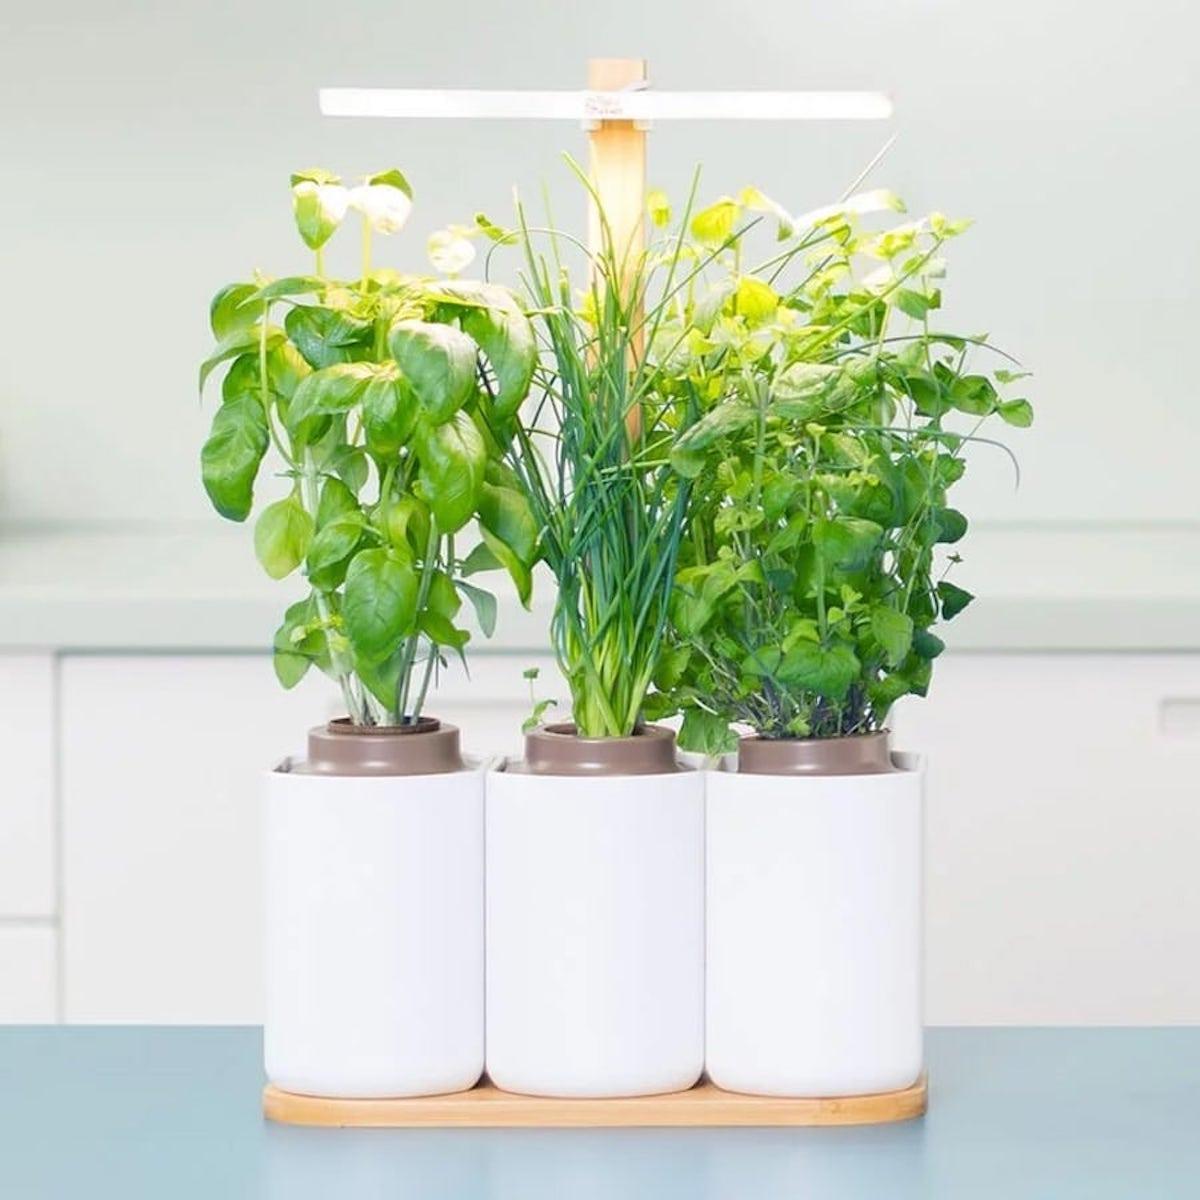 lilo jardin potager cuisine menthe basilic